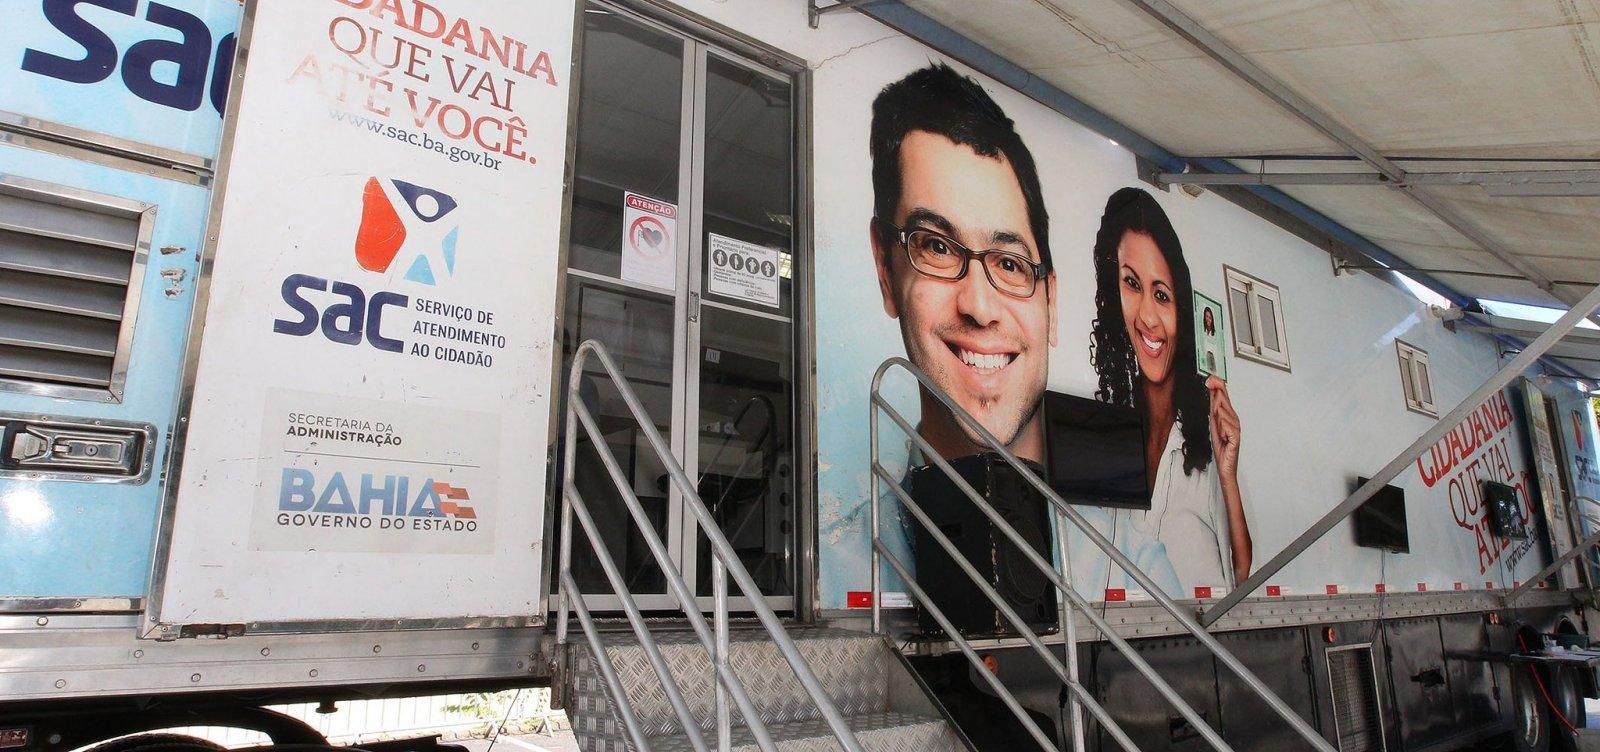 SAC Móvel continua em Jacobina até a próxima terça-feira